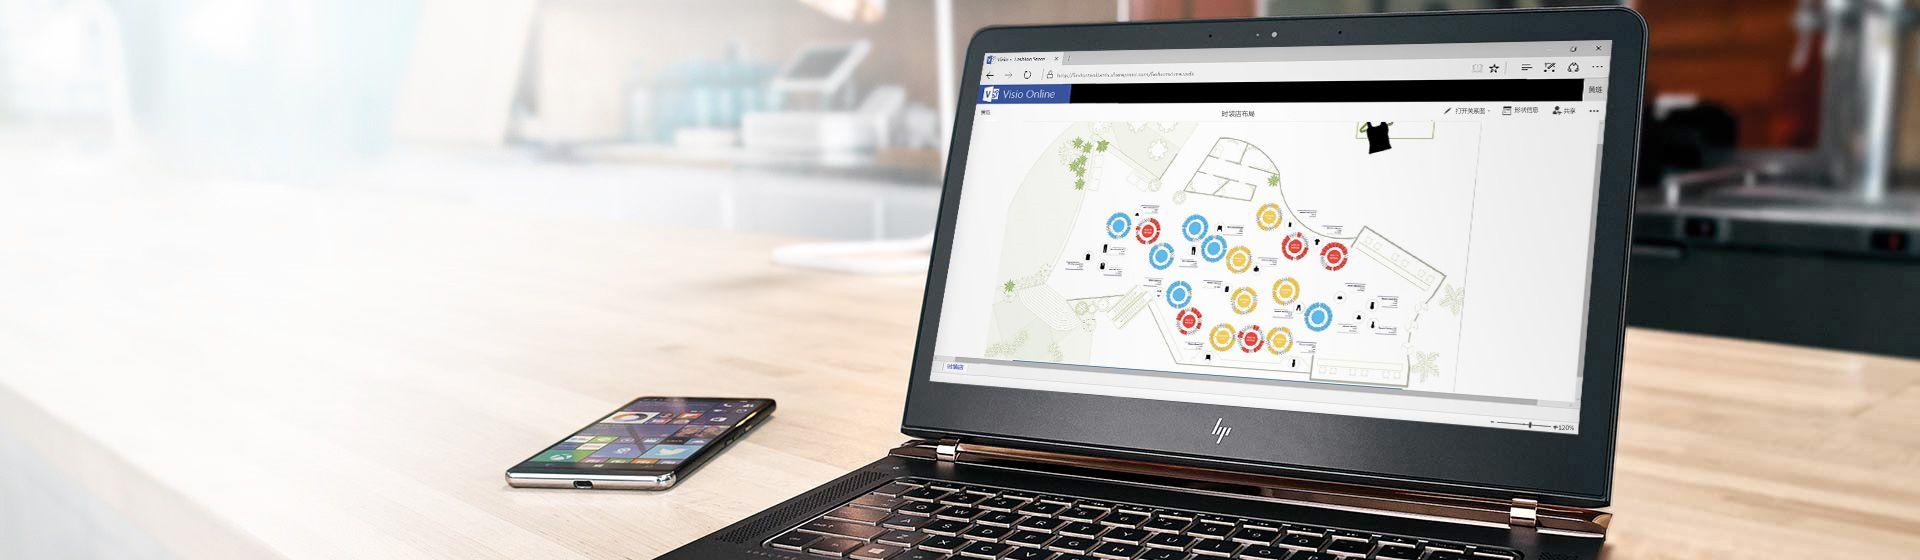 桌上手机旁显示 Visio Online 中图表的笔记本电脑